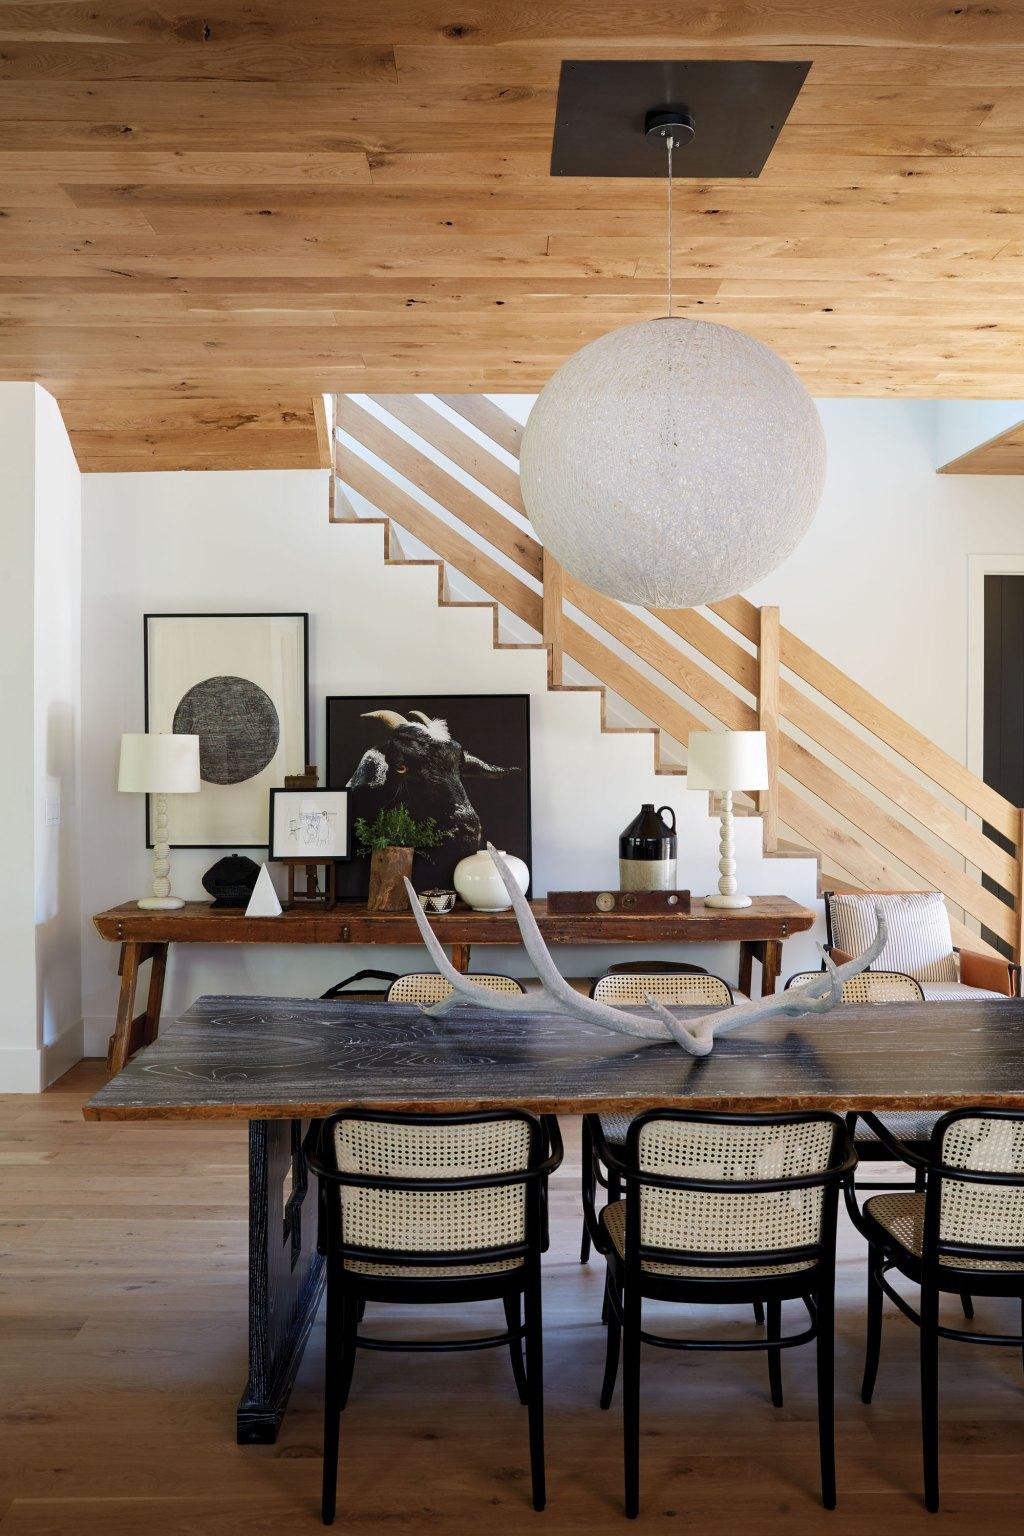 sixtysix wilsonart georgia home room display